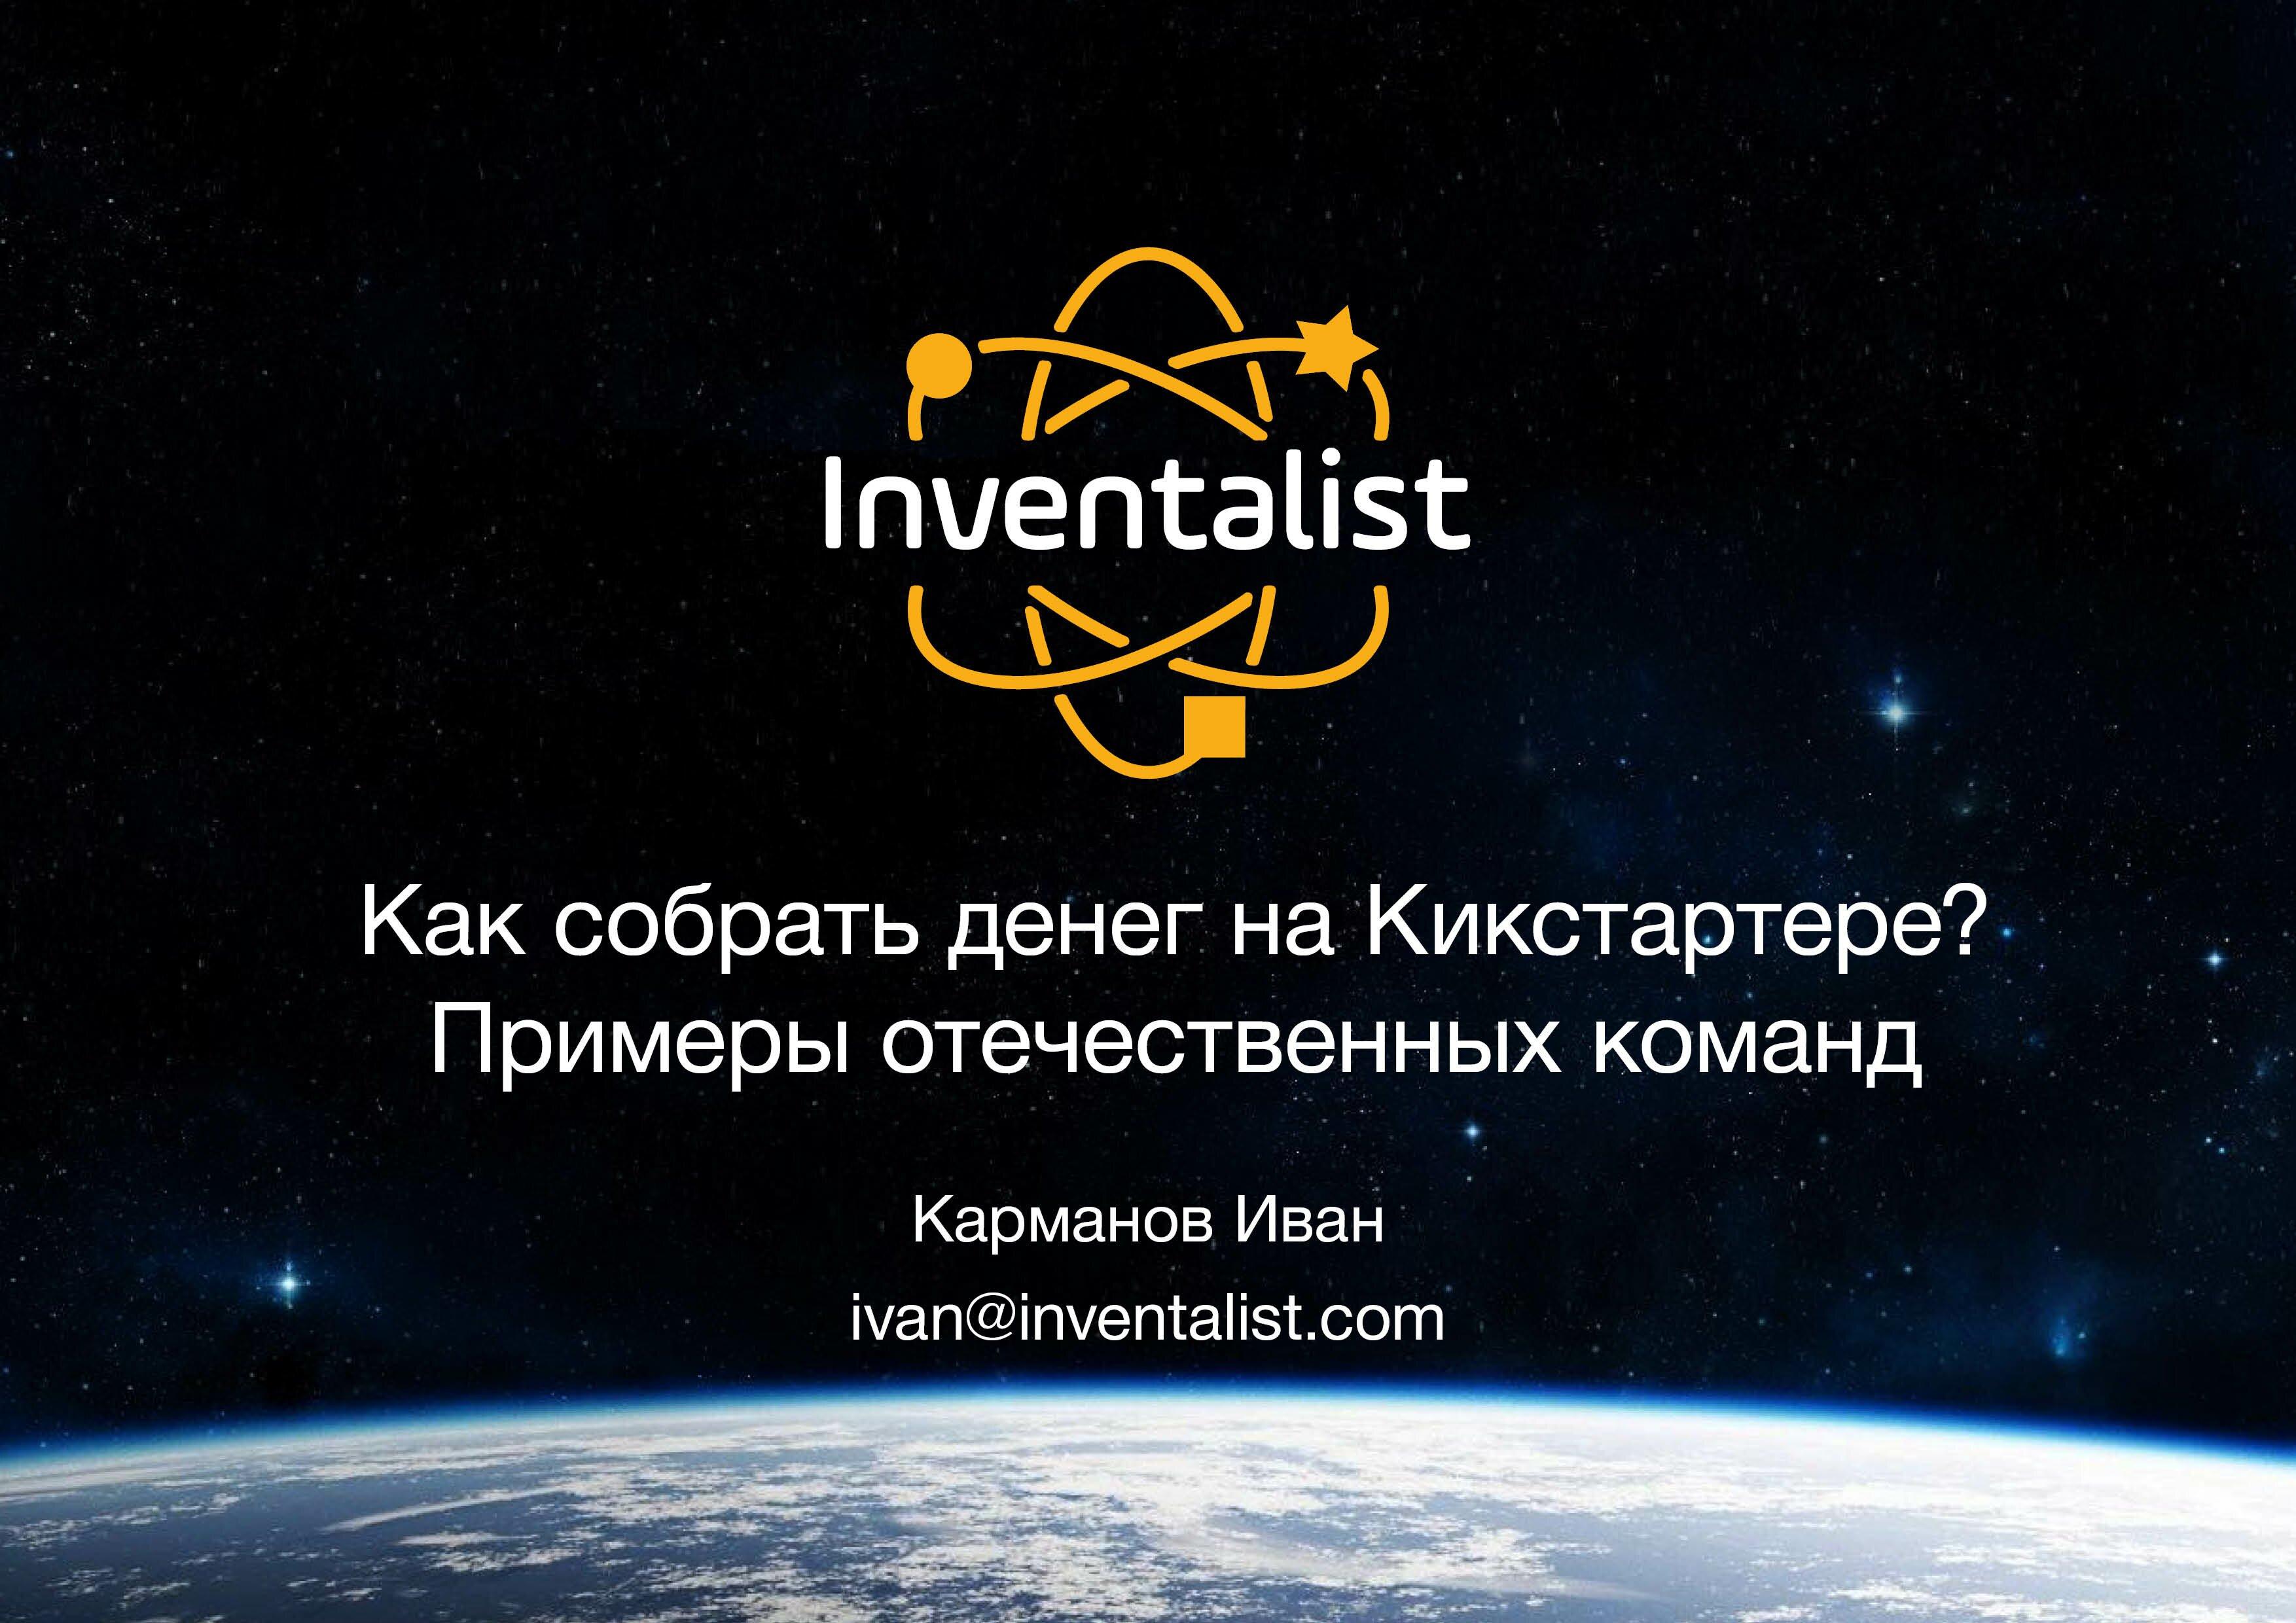 inventalist-2-1